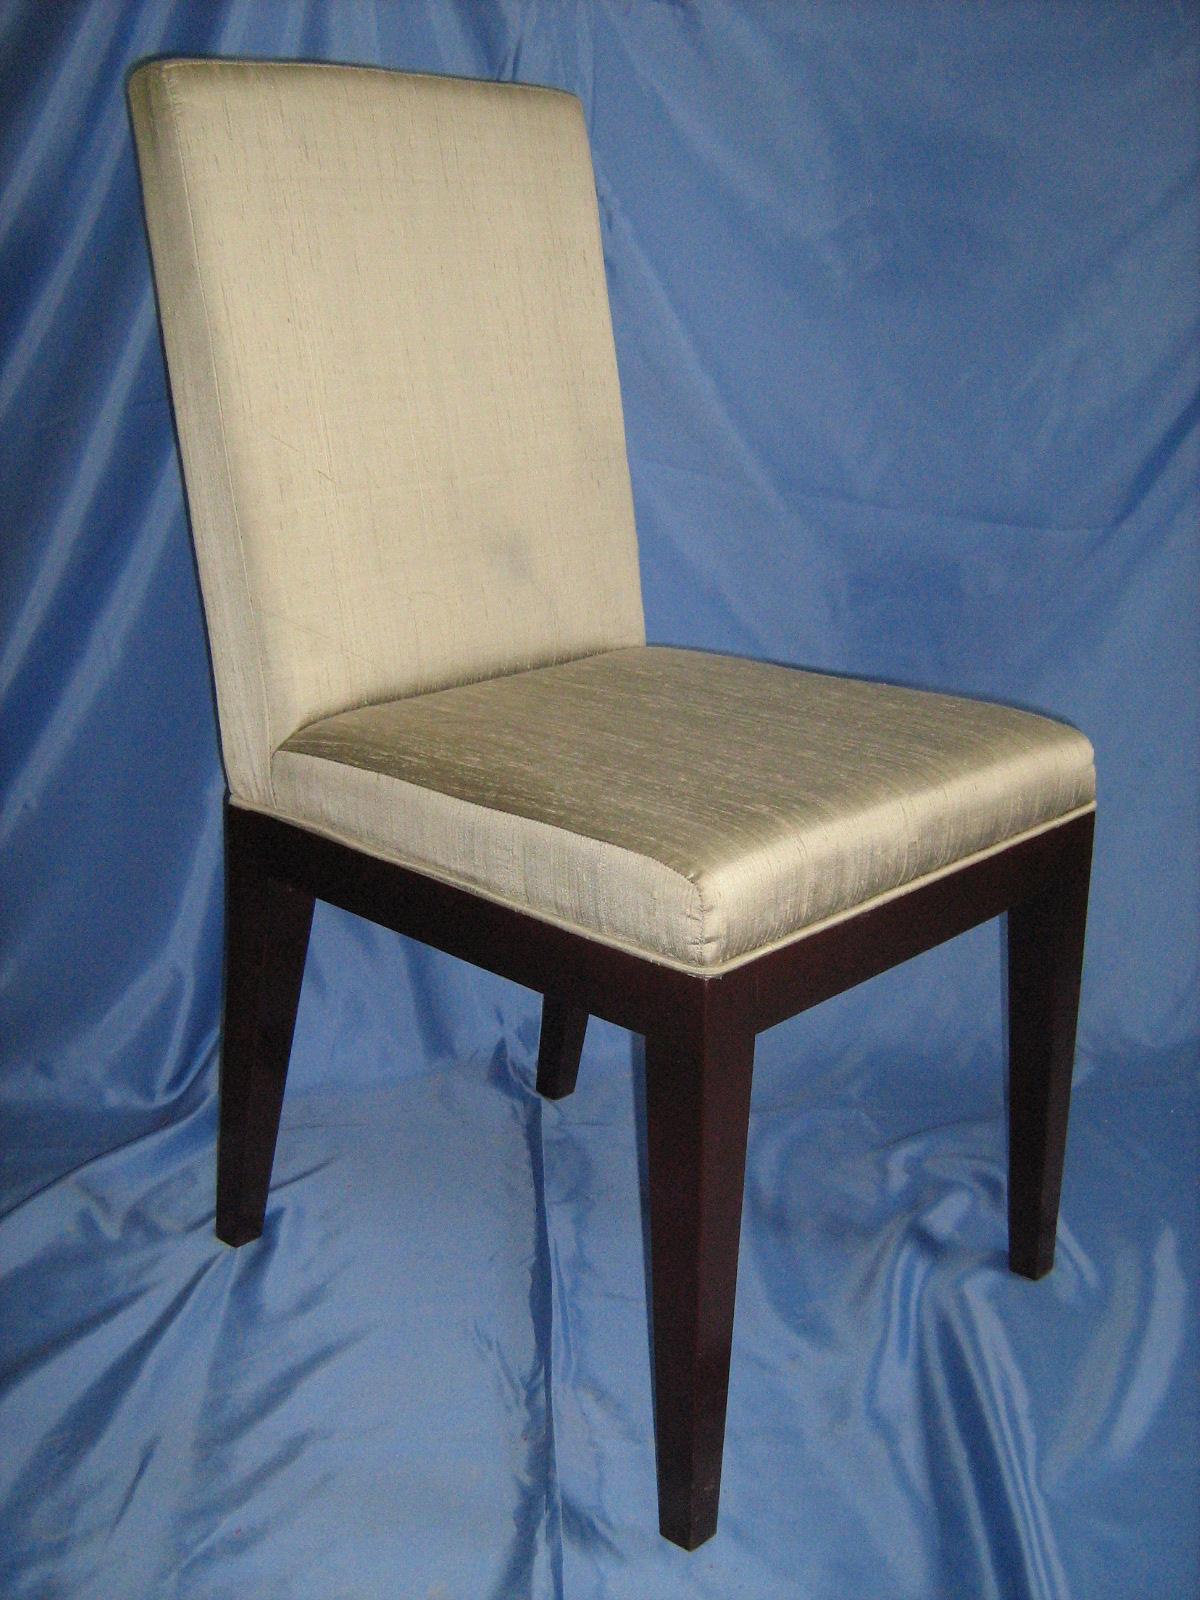 #474632 Cadeira e Mesa Cadeiras de Madeira para Sala de Jantar 1200x1600 píxeis em Cadeira Moderna Madeira Para Sala Estar